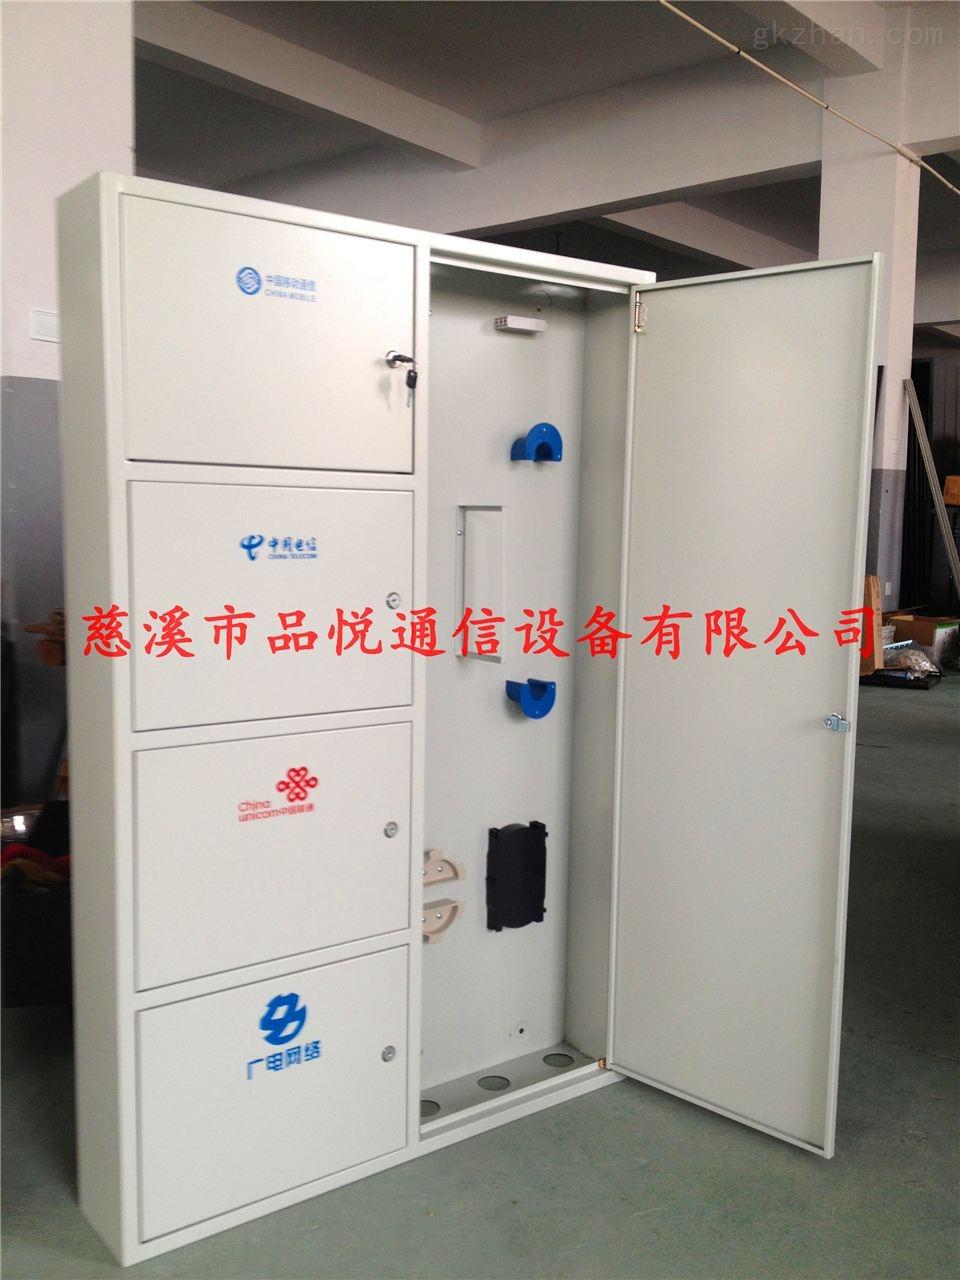 联通|中国移动通信】三网合一分纤箱